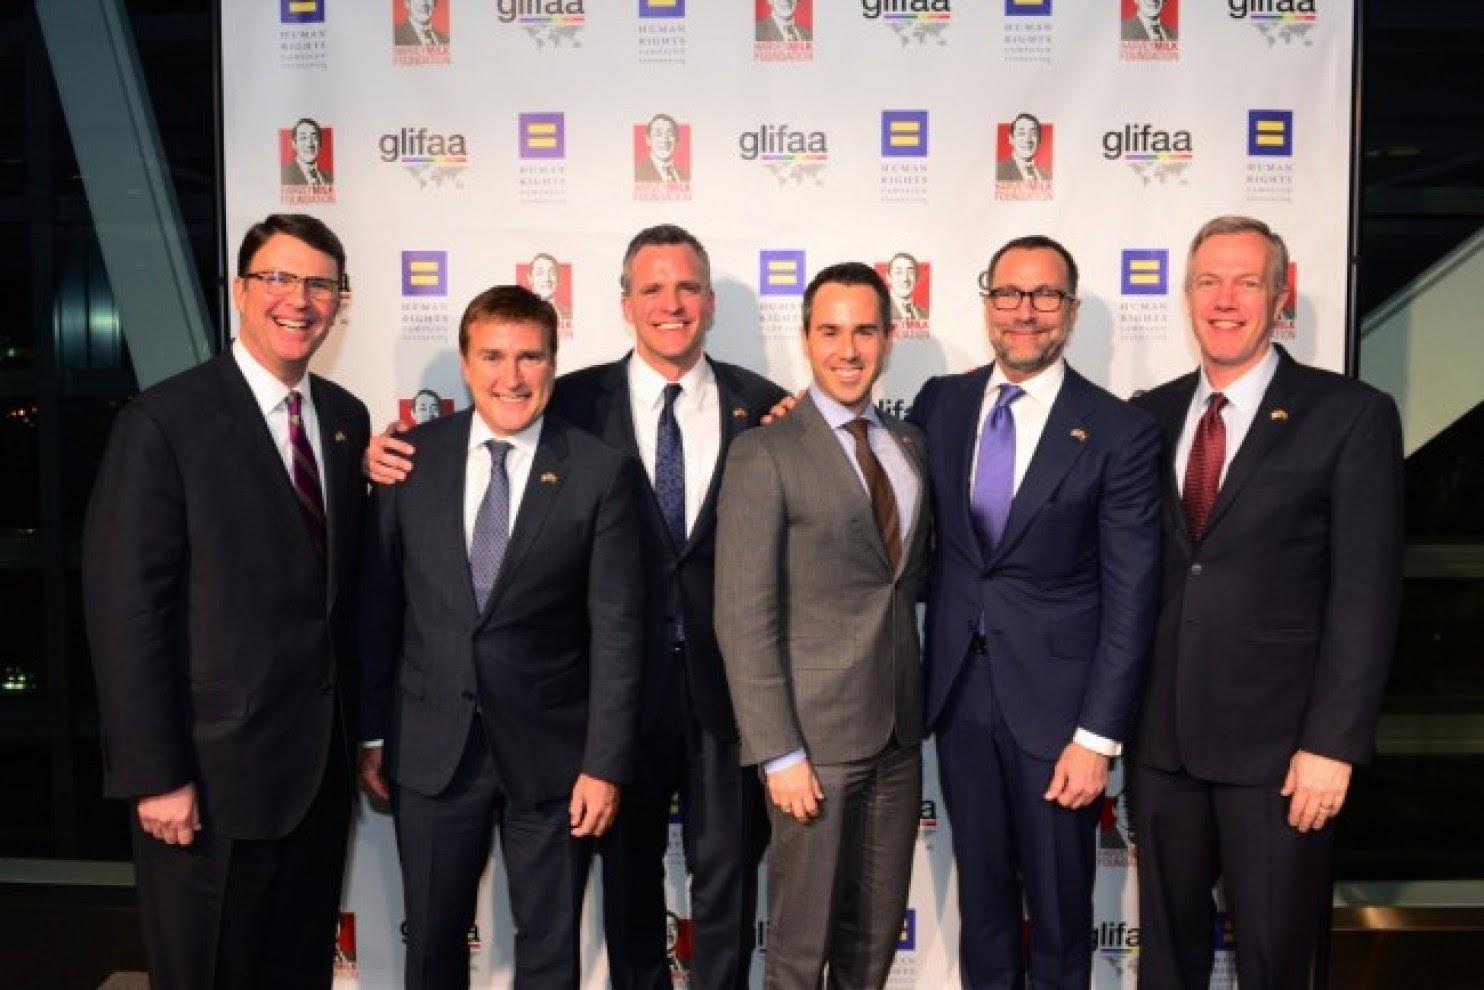 GAY DIPLOMATS | The USA's openly gay ambassadors ...